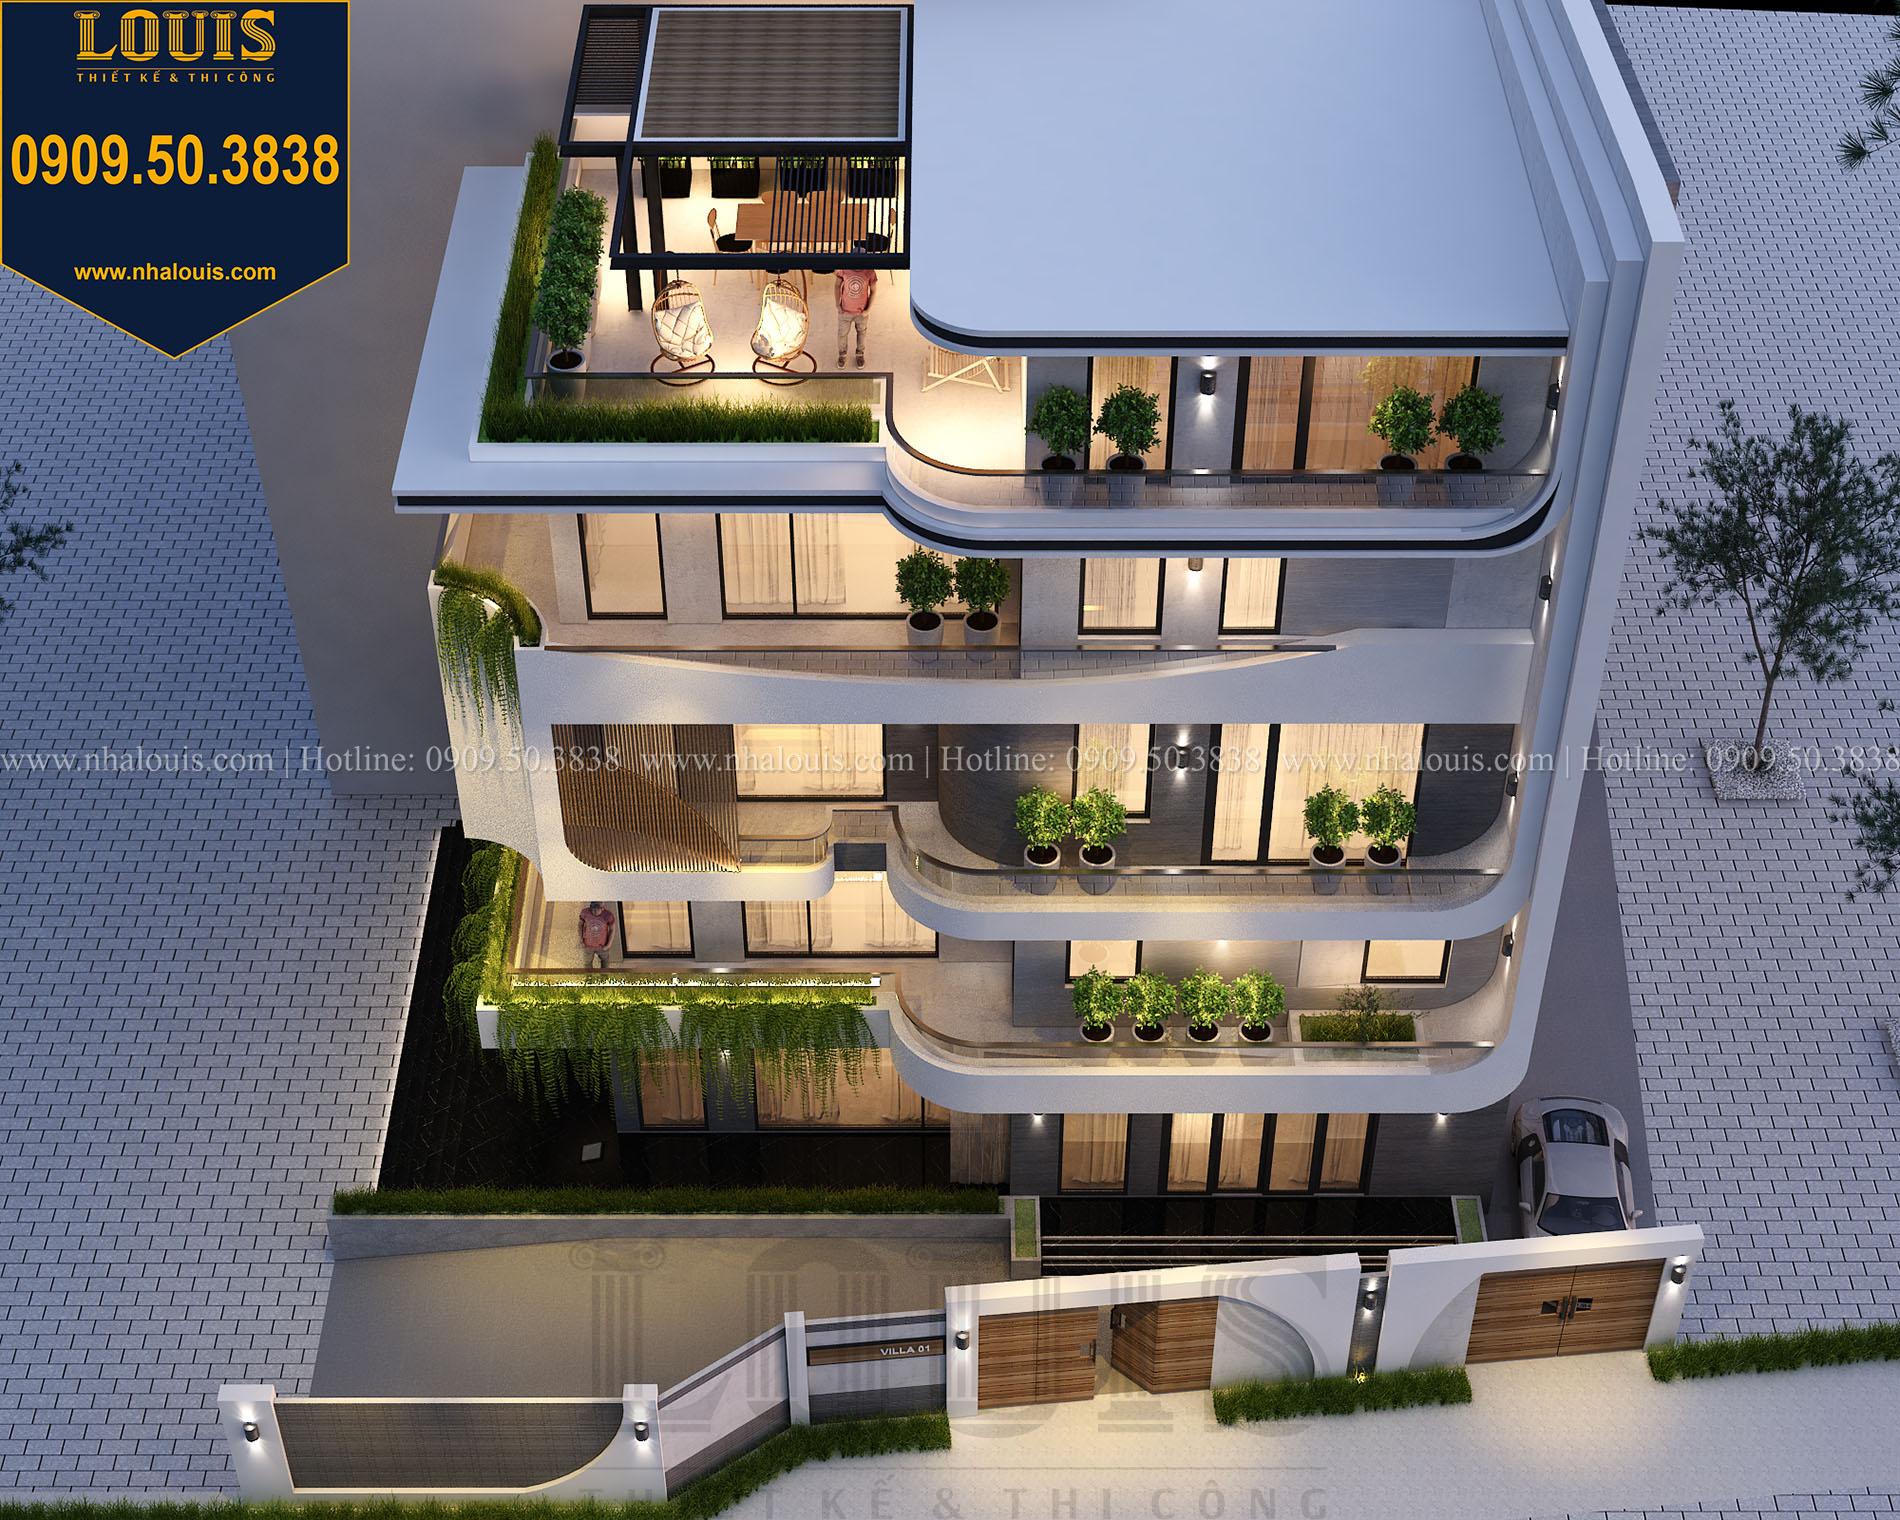 Mặt tiền Thiết kế biệt thự 5 tầng hiện đại đẹp lung linh tại Nha Trang - 005